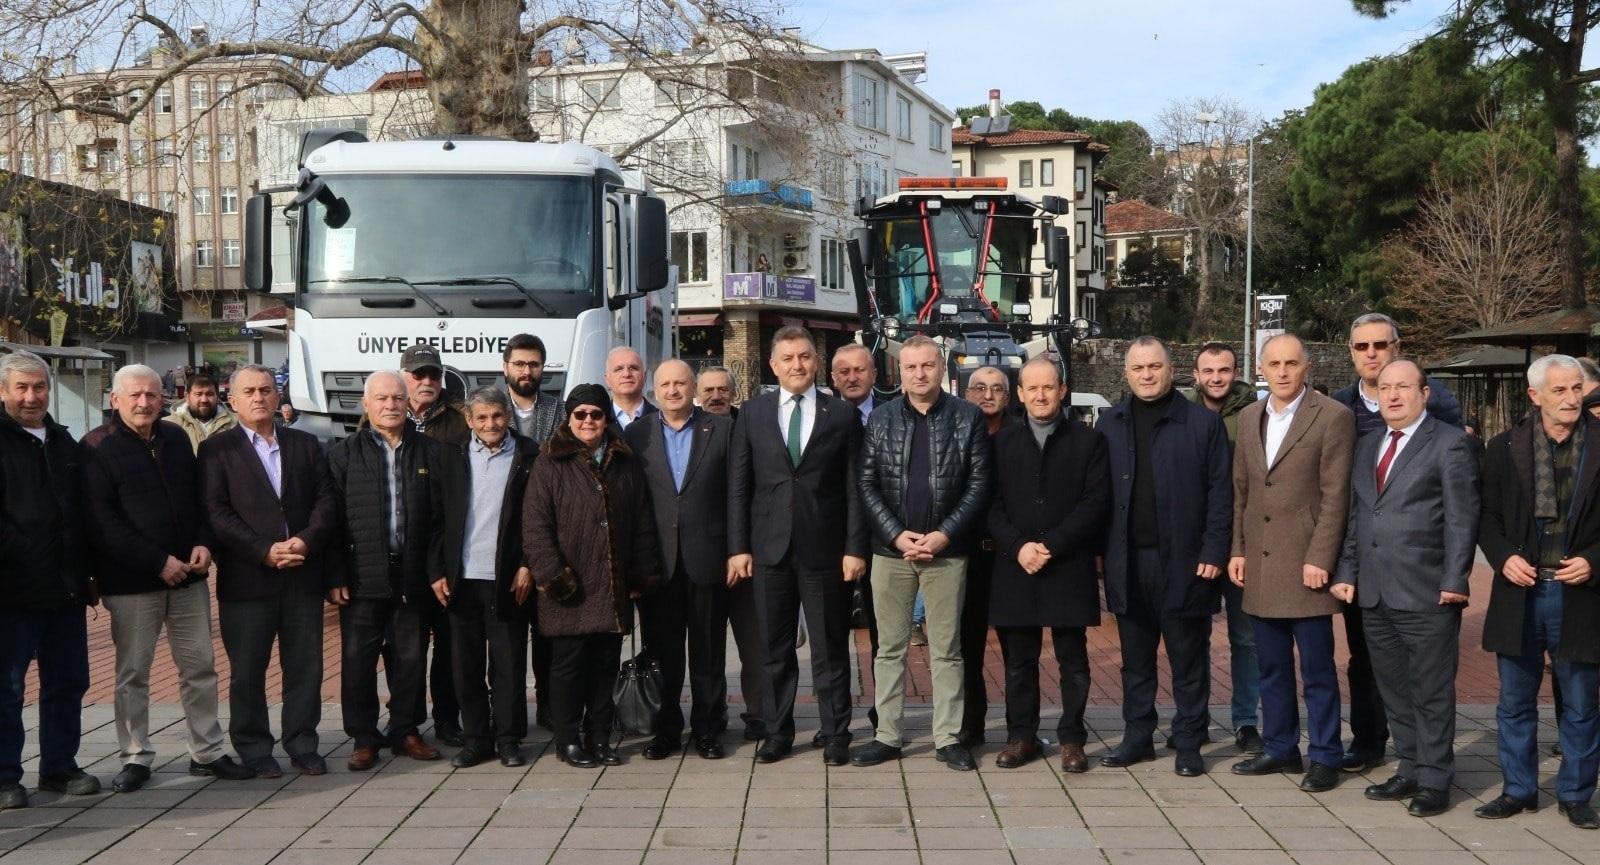 Ünye Belediyesi Bünyesine Kattığı 2 Yeni Aracı Tanıttı